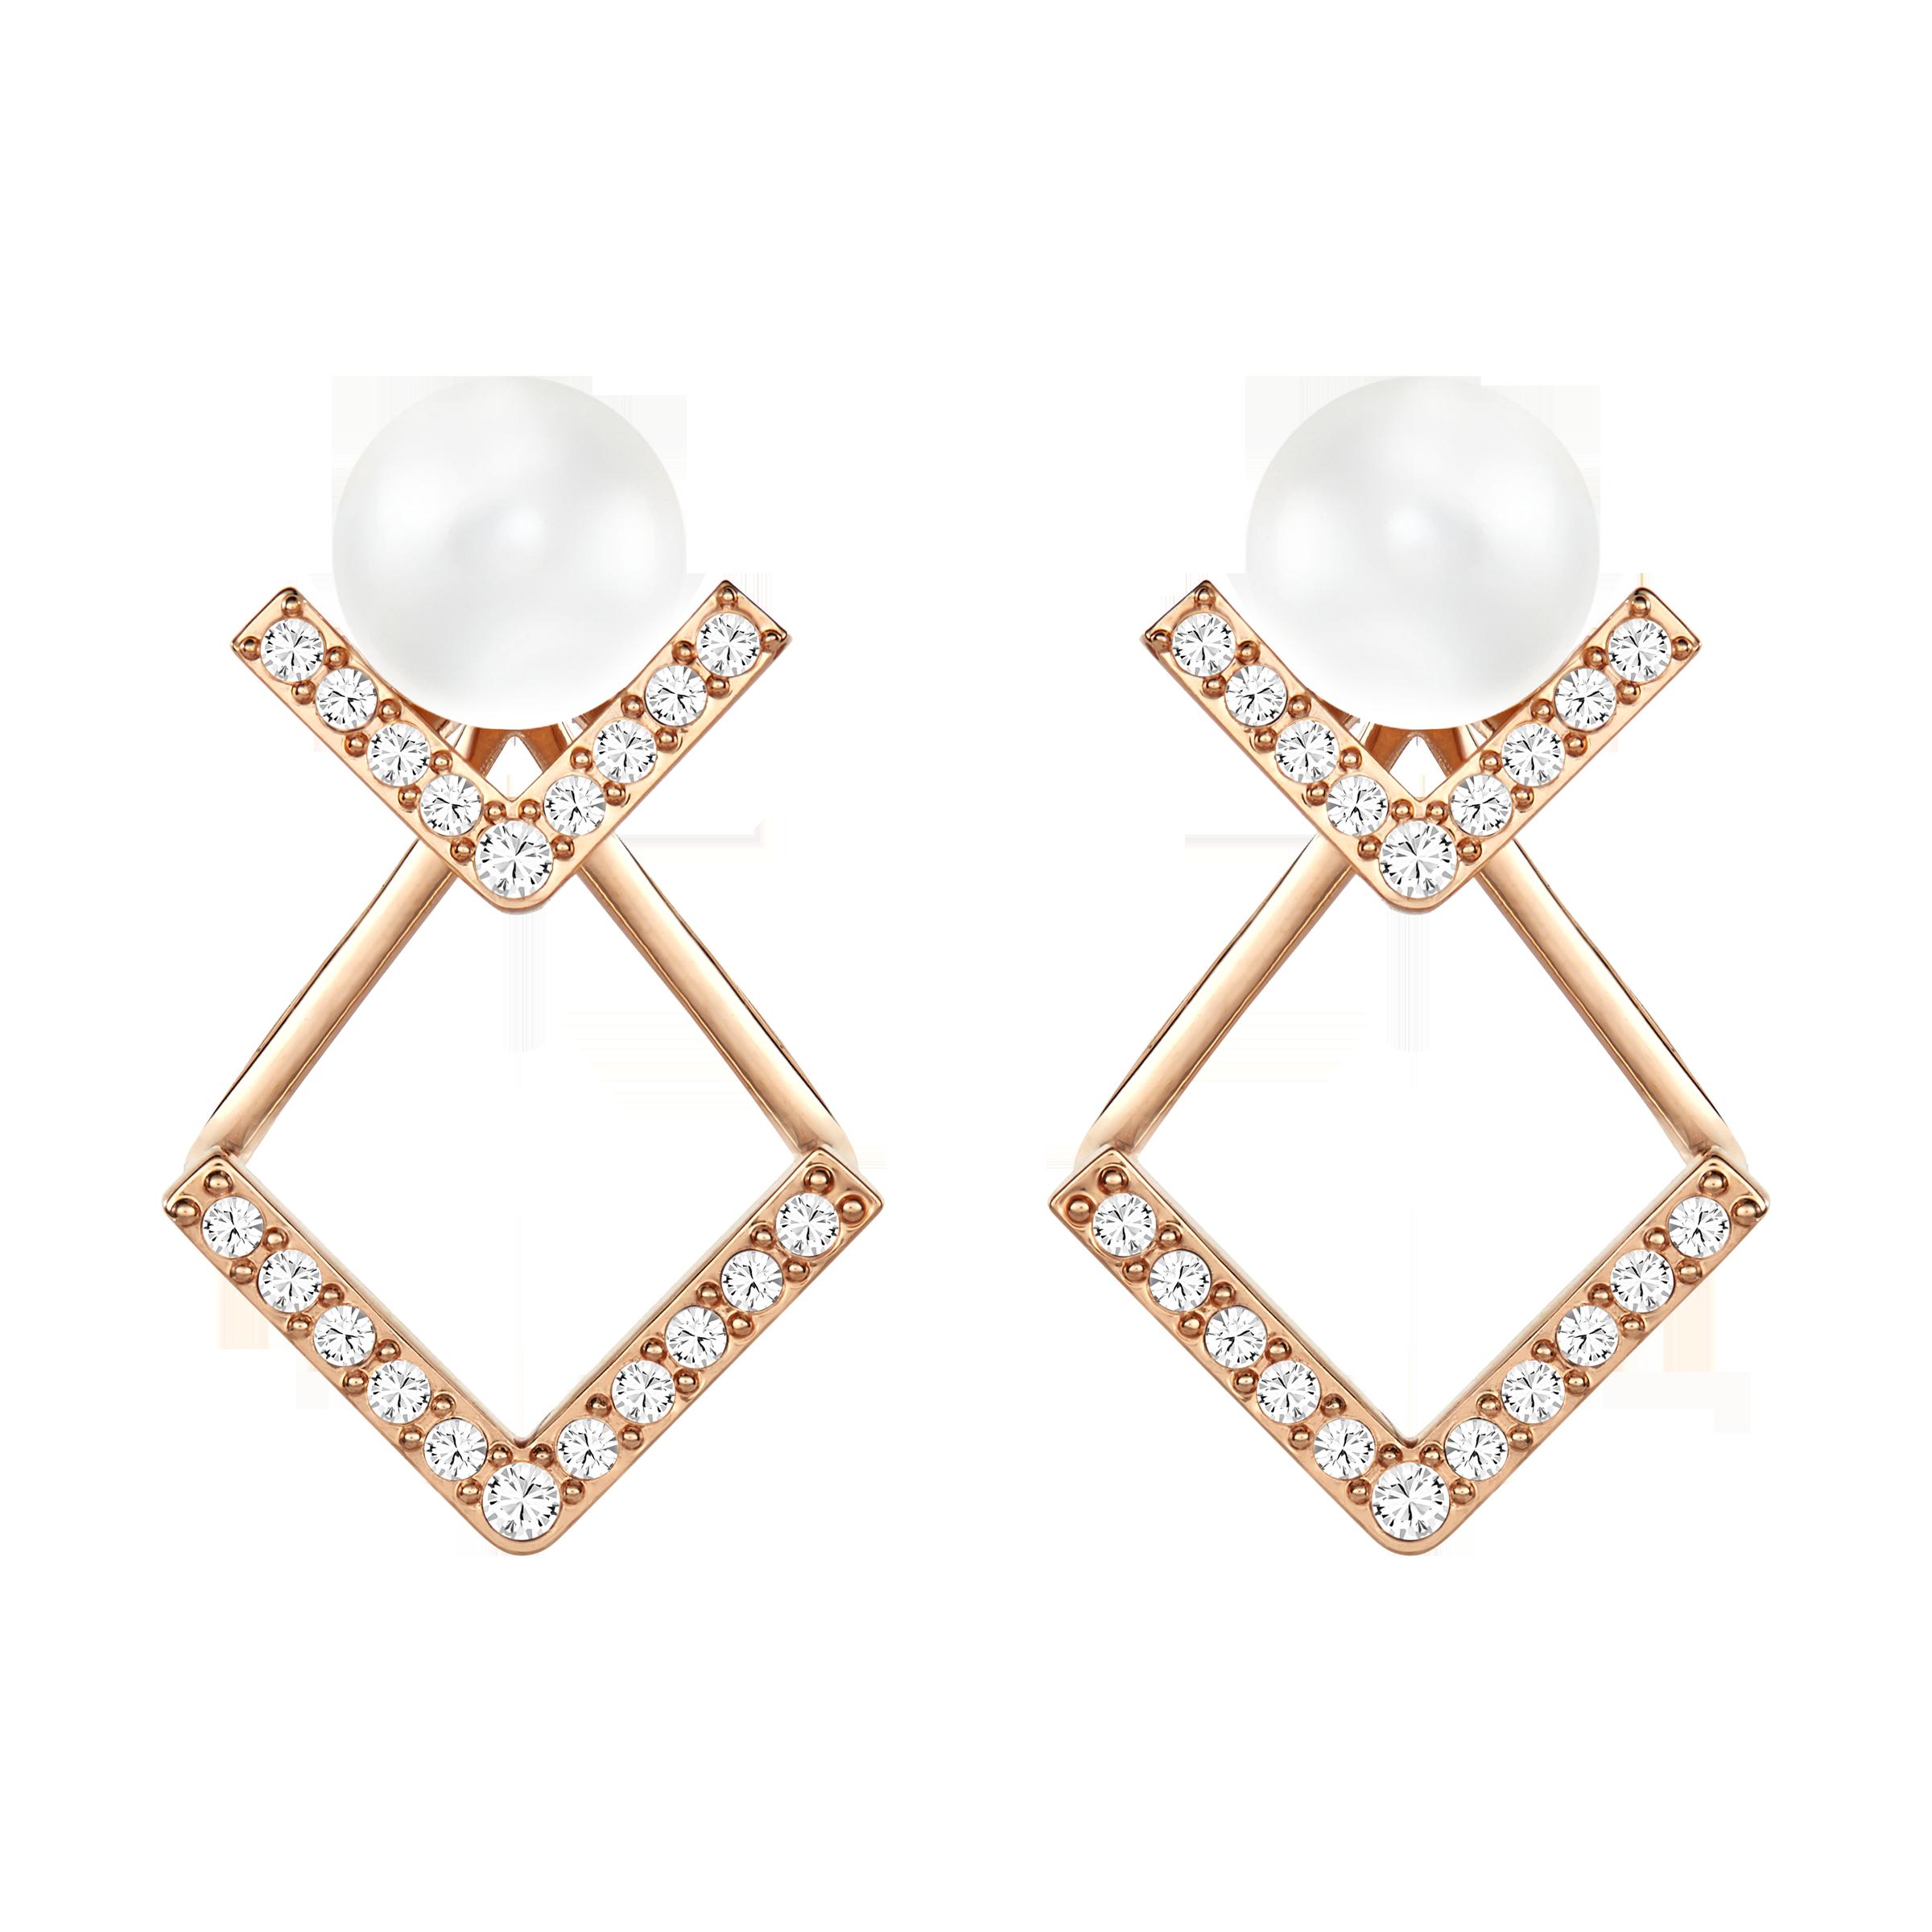 Edify Pierced Earrings, White, Rose Gold Plating